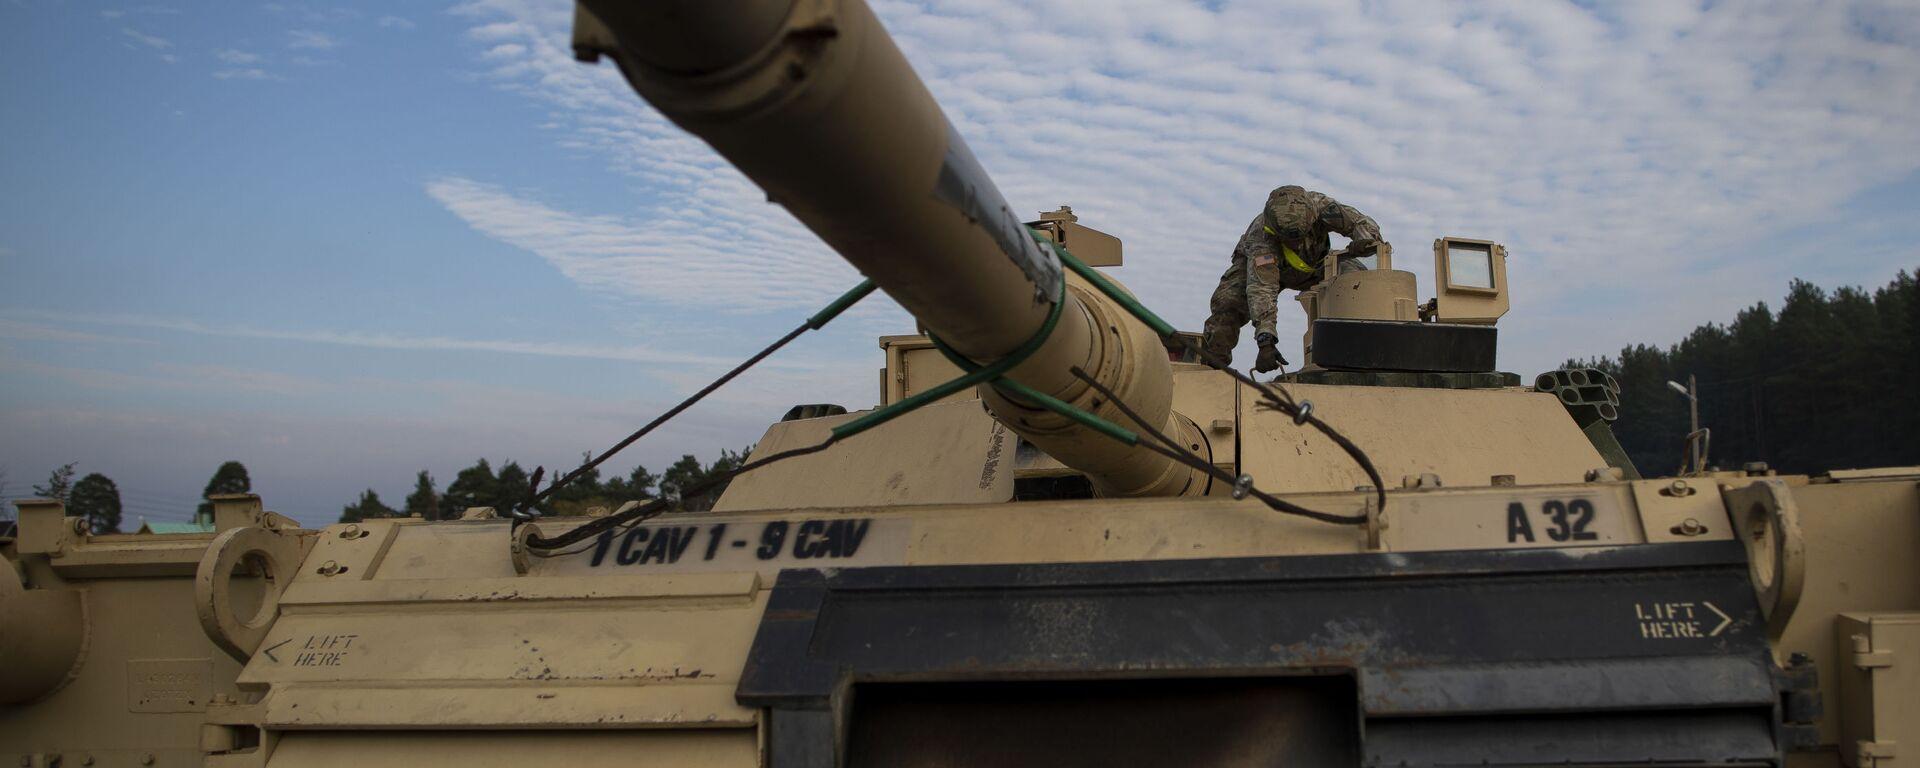 Американский военнослужащий готовит танк Abrams к разгрузке на железнодорожной станции в Литве - Sputnik Latvija, 1920, 06.02.2021